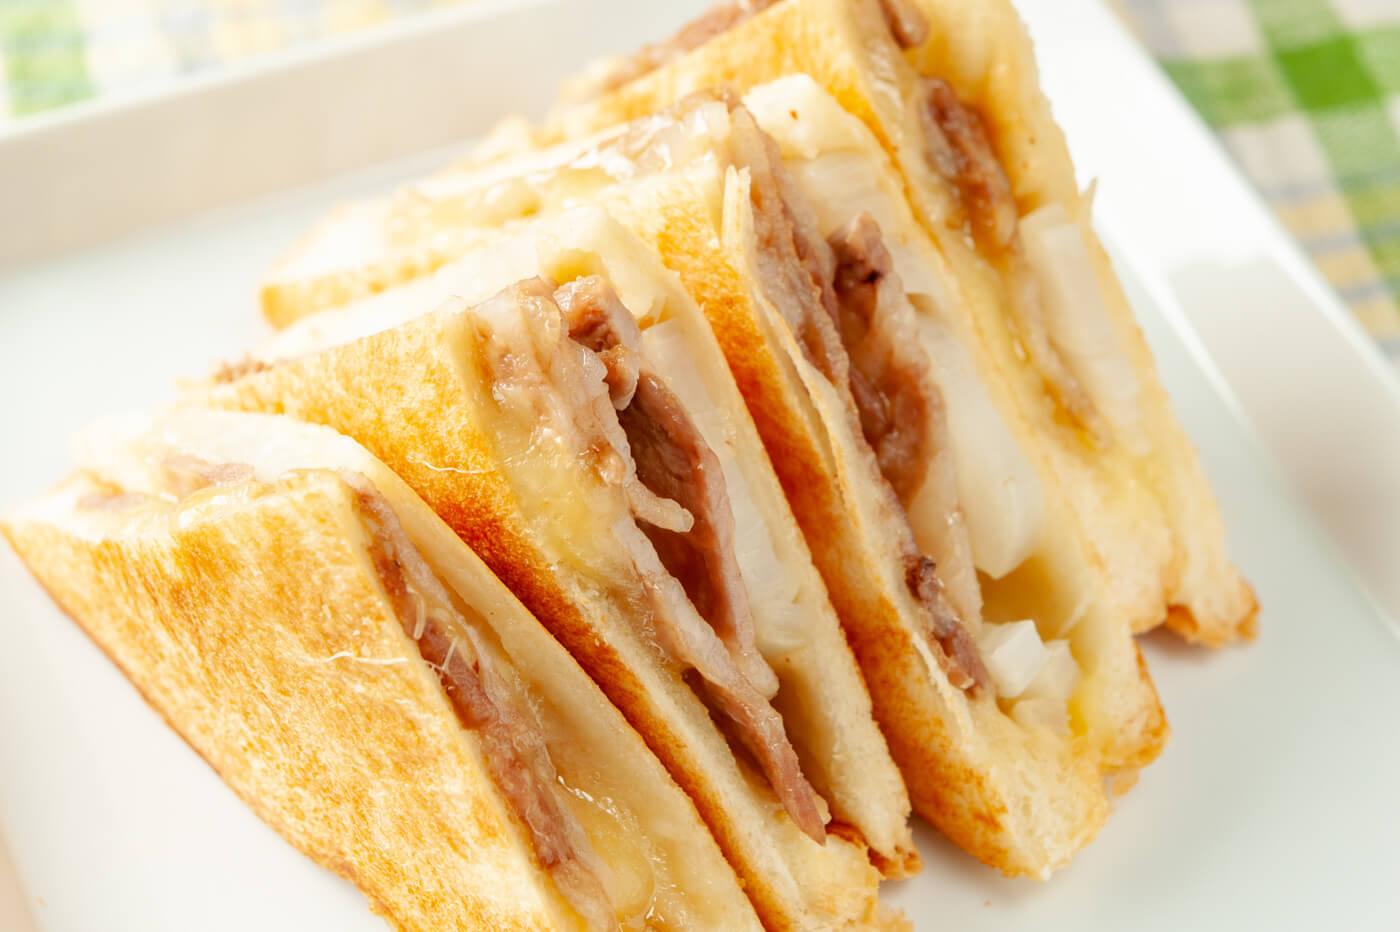 青森県・源たれチーズサンド